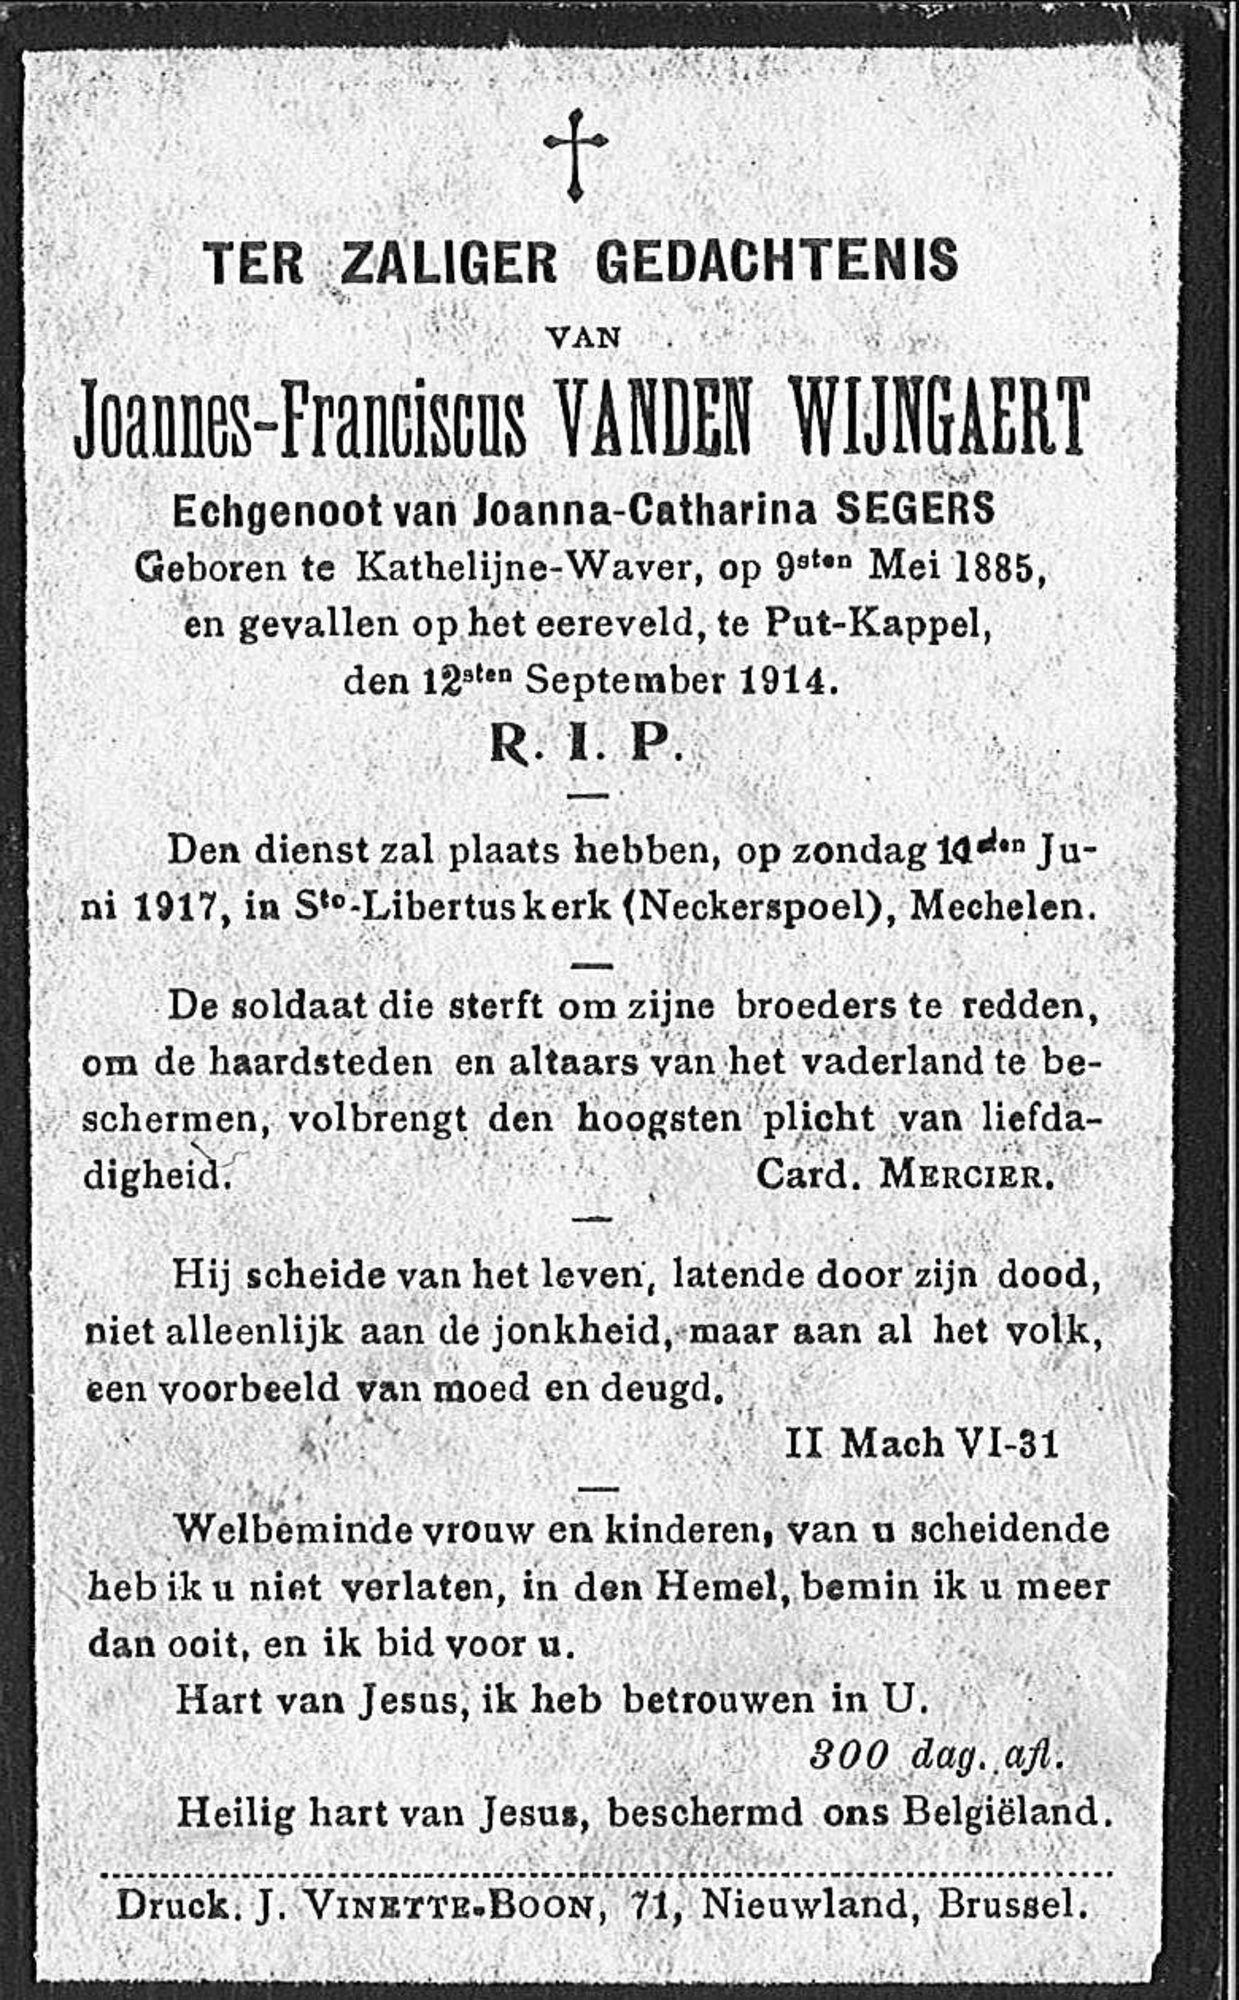 Joannes-Franciscus Vanden Wijngaert